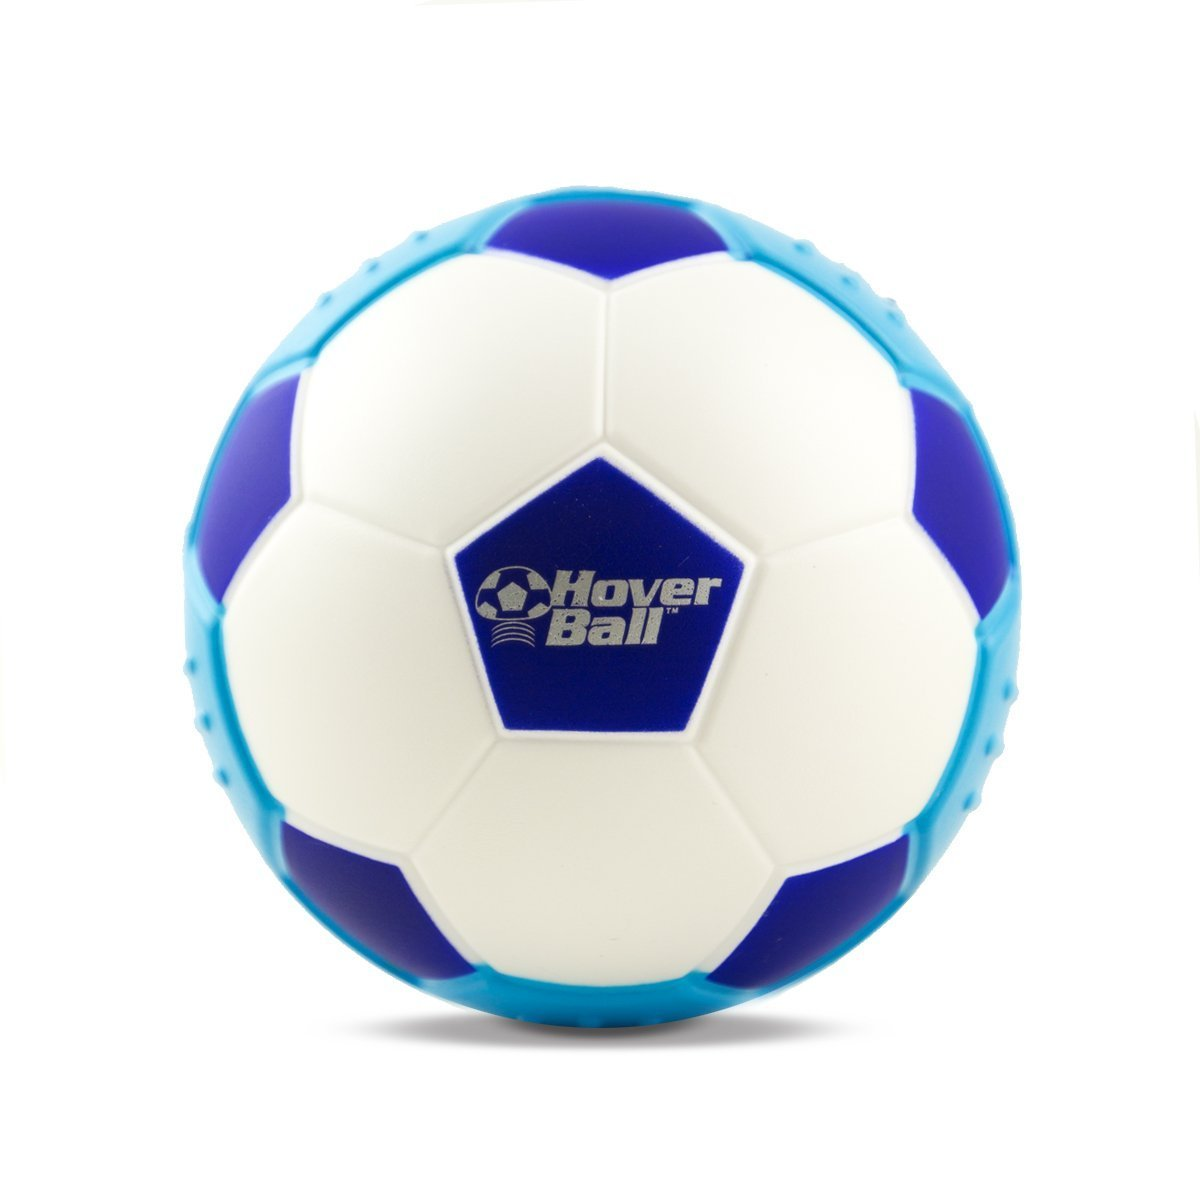 Fu/ßball f/ür den Innenbereich Schwebeball gleitet auf allen Oberfl/ächen aus weichem Schaumstoff Blau